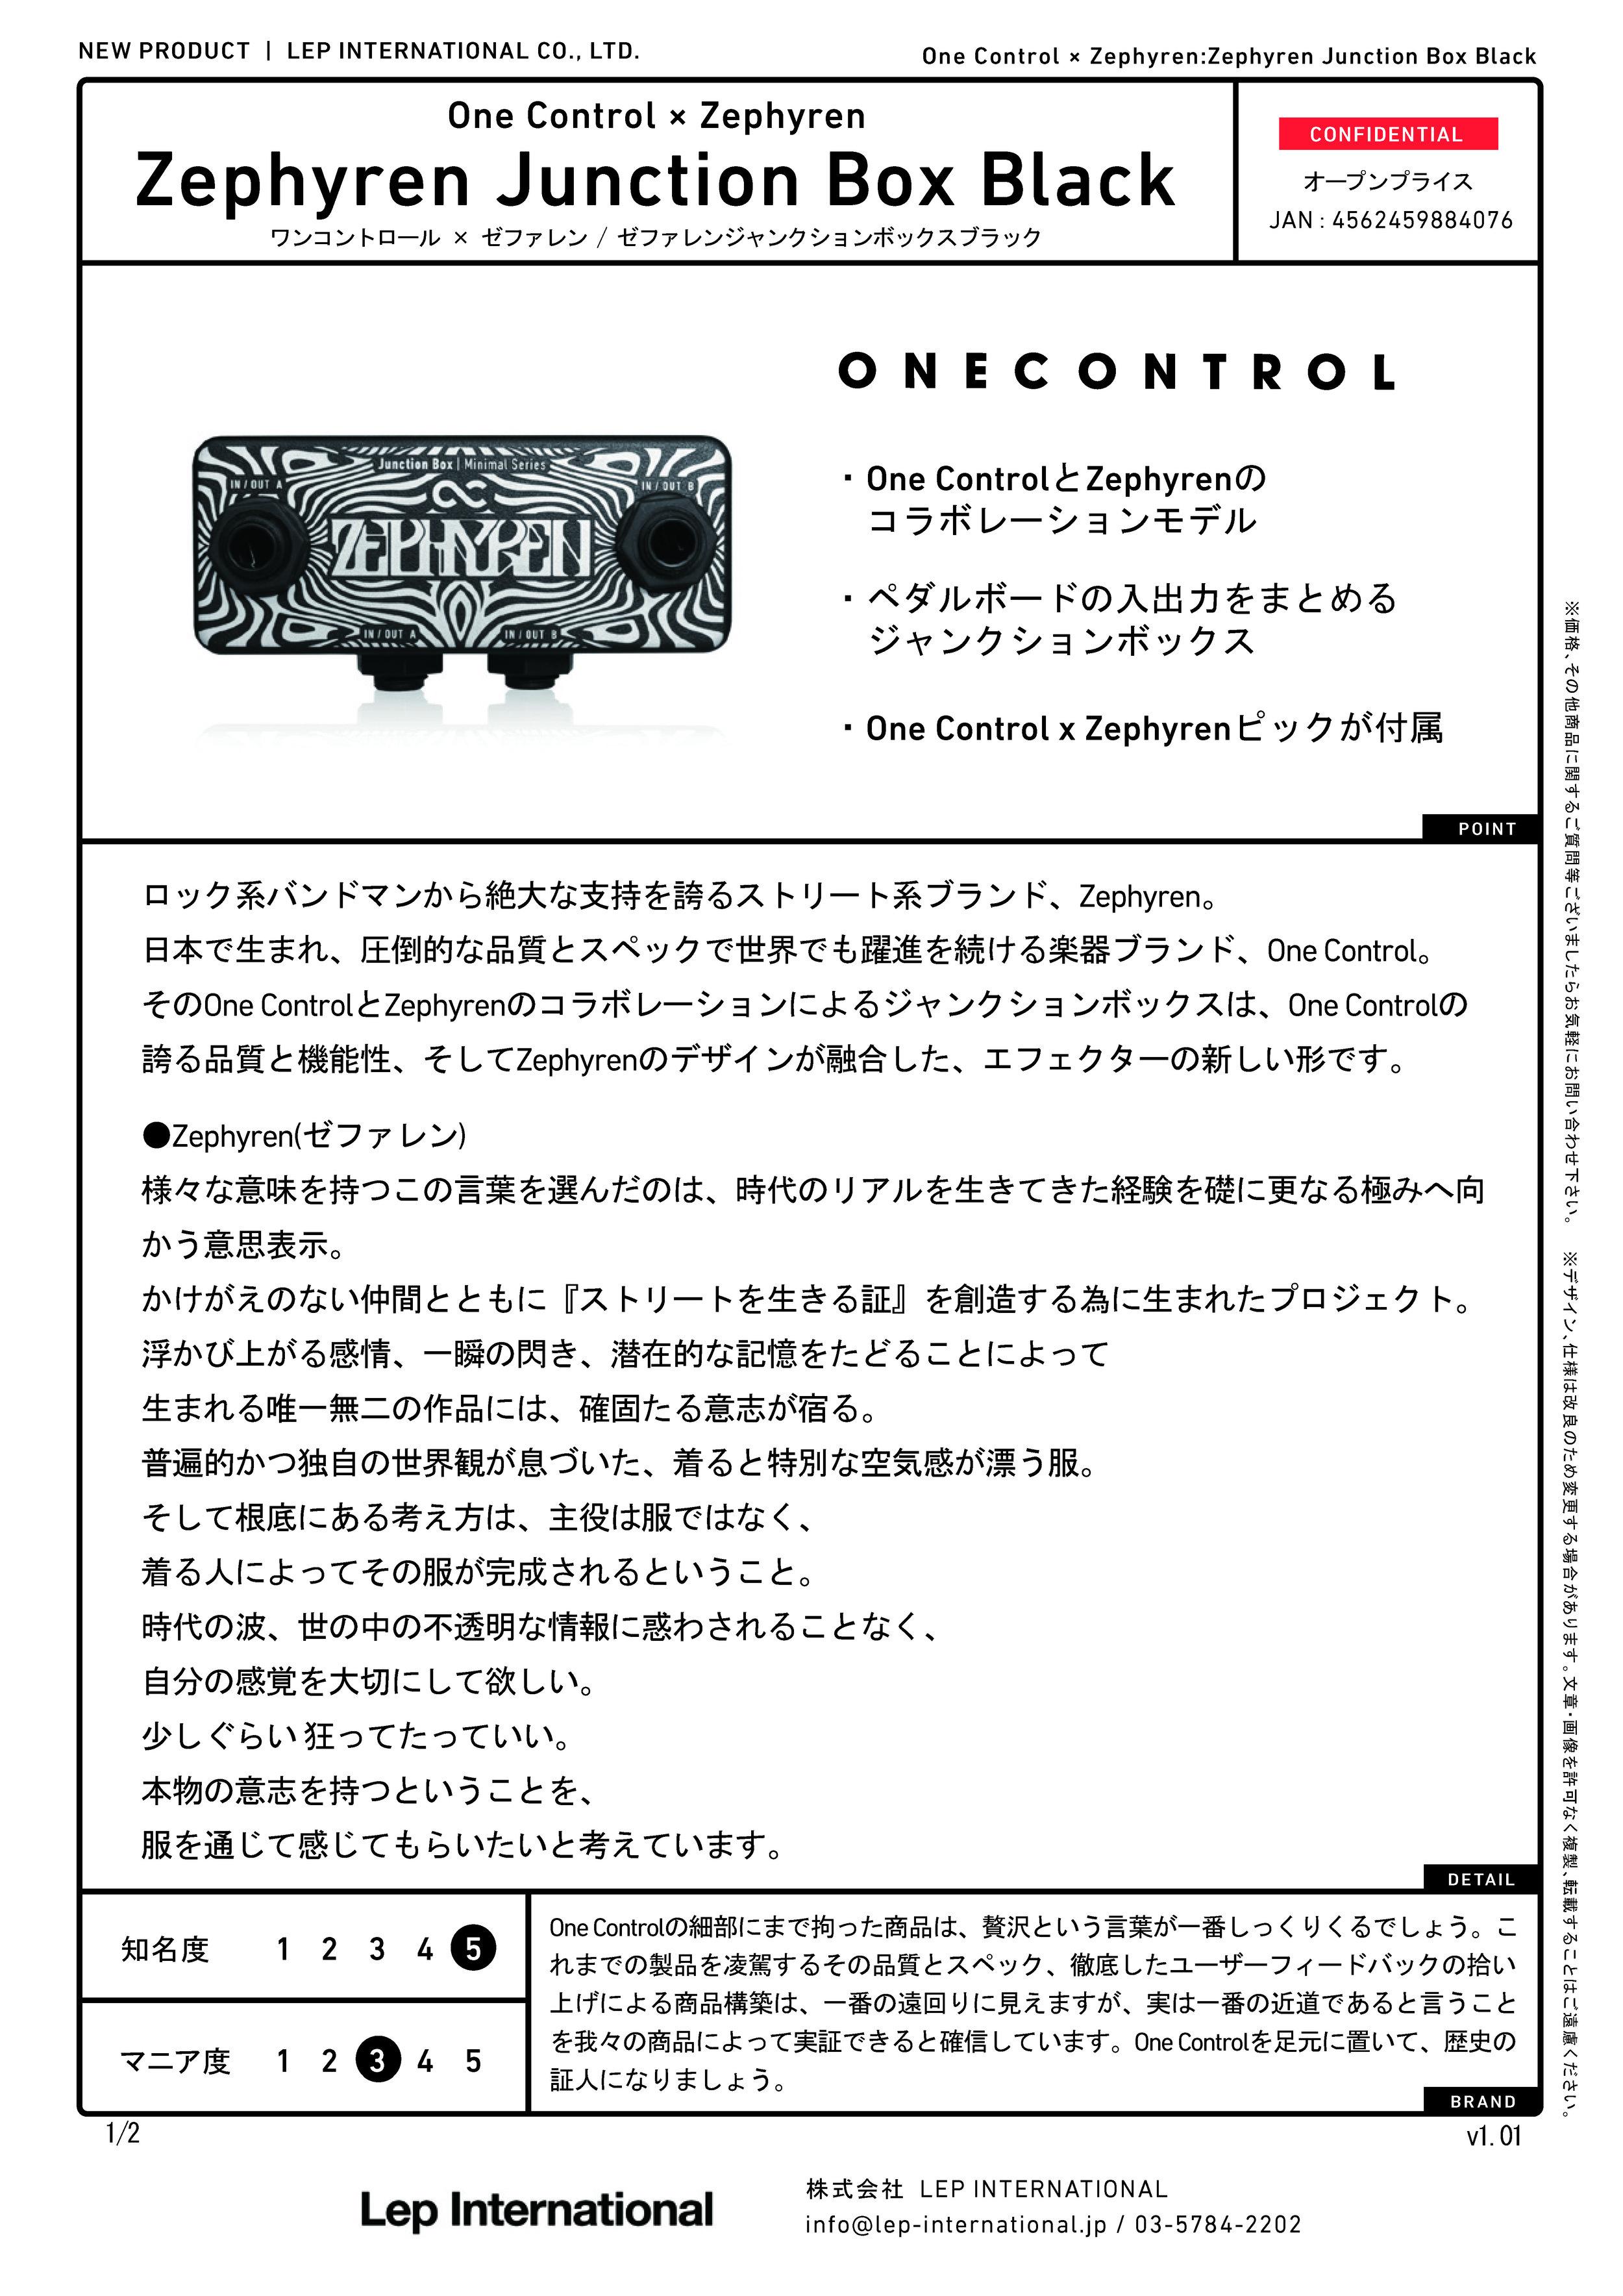 onecontrol zephyren Zephyrenjunctionboxblack v1.01_ページ_1.jpg